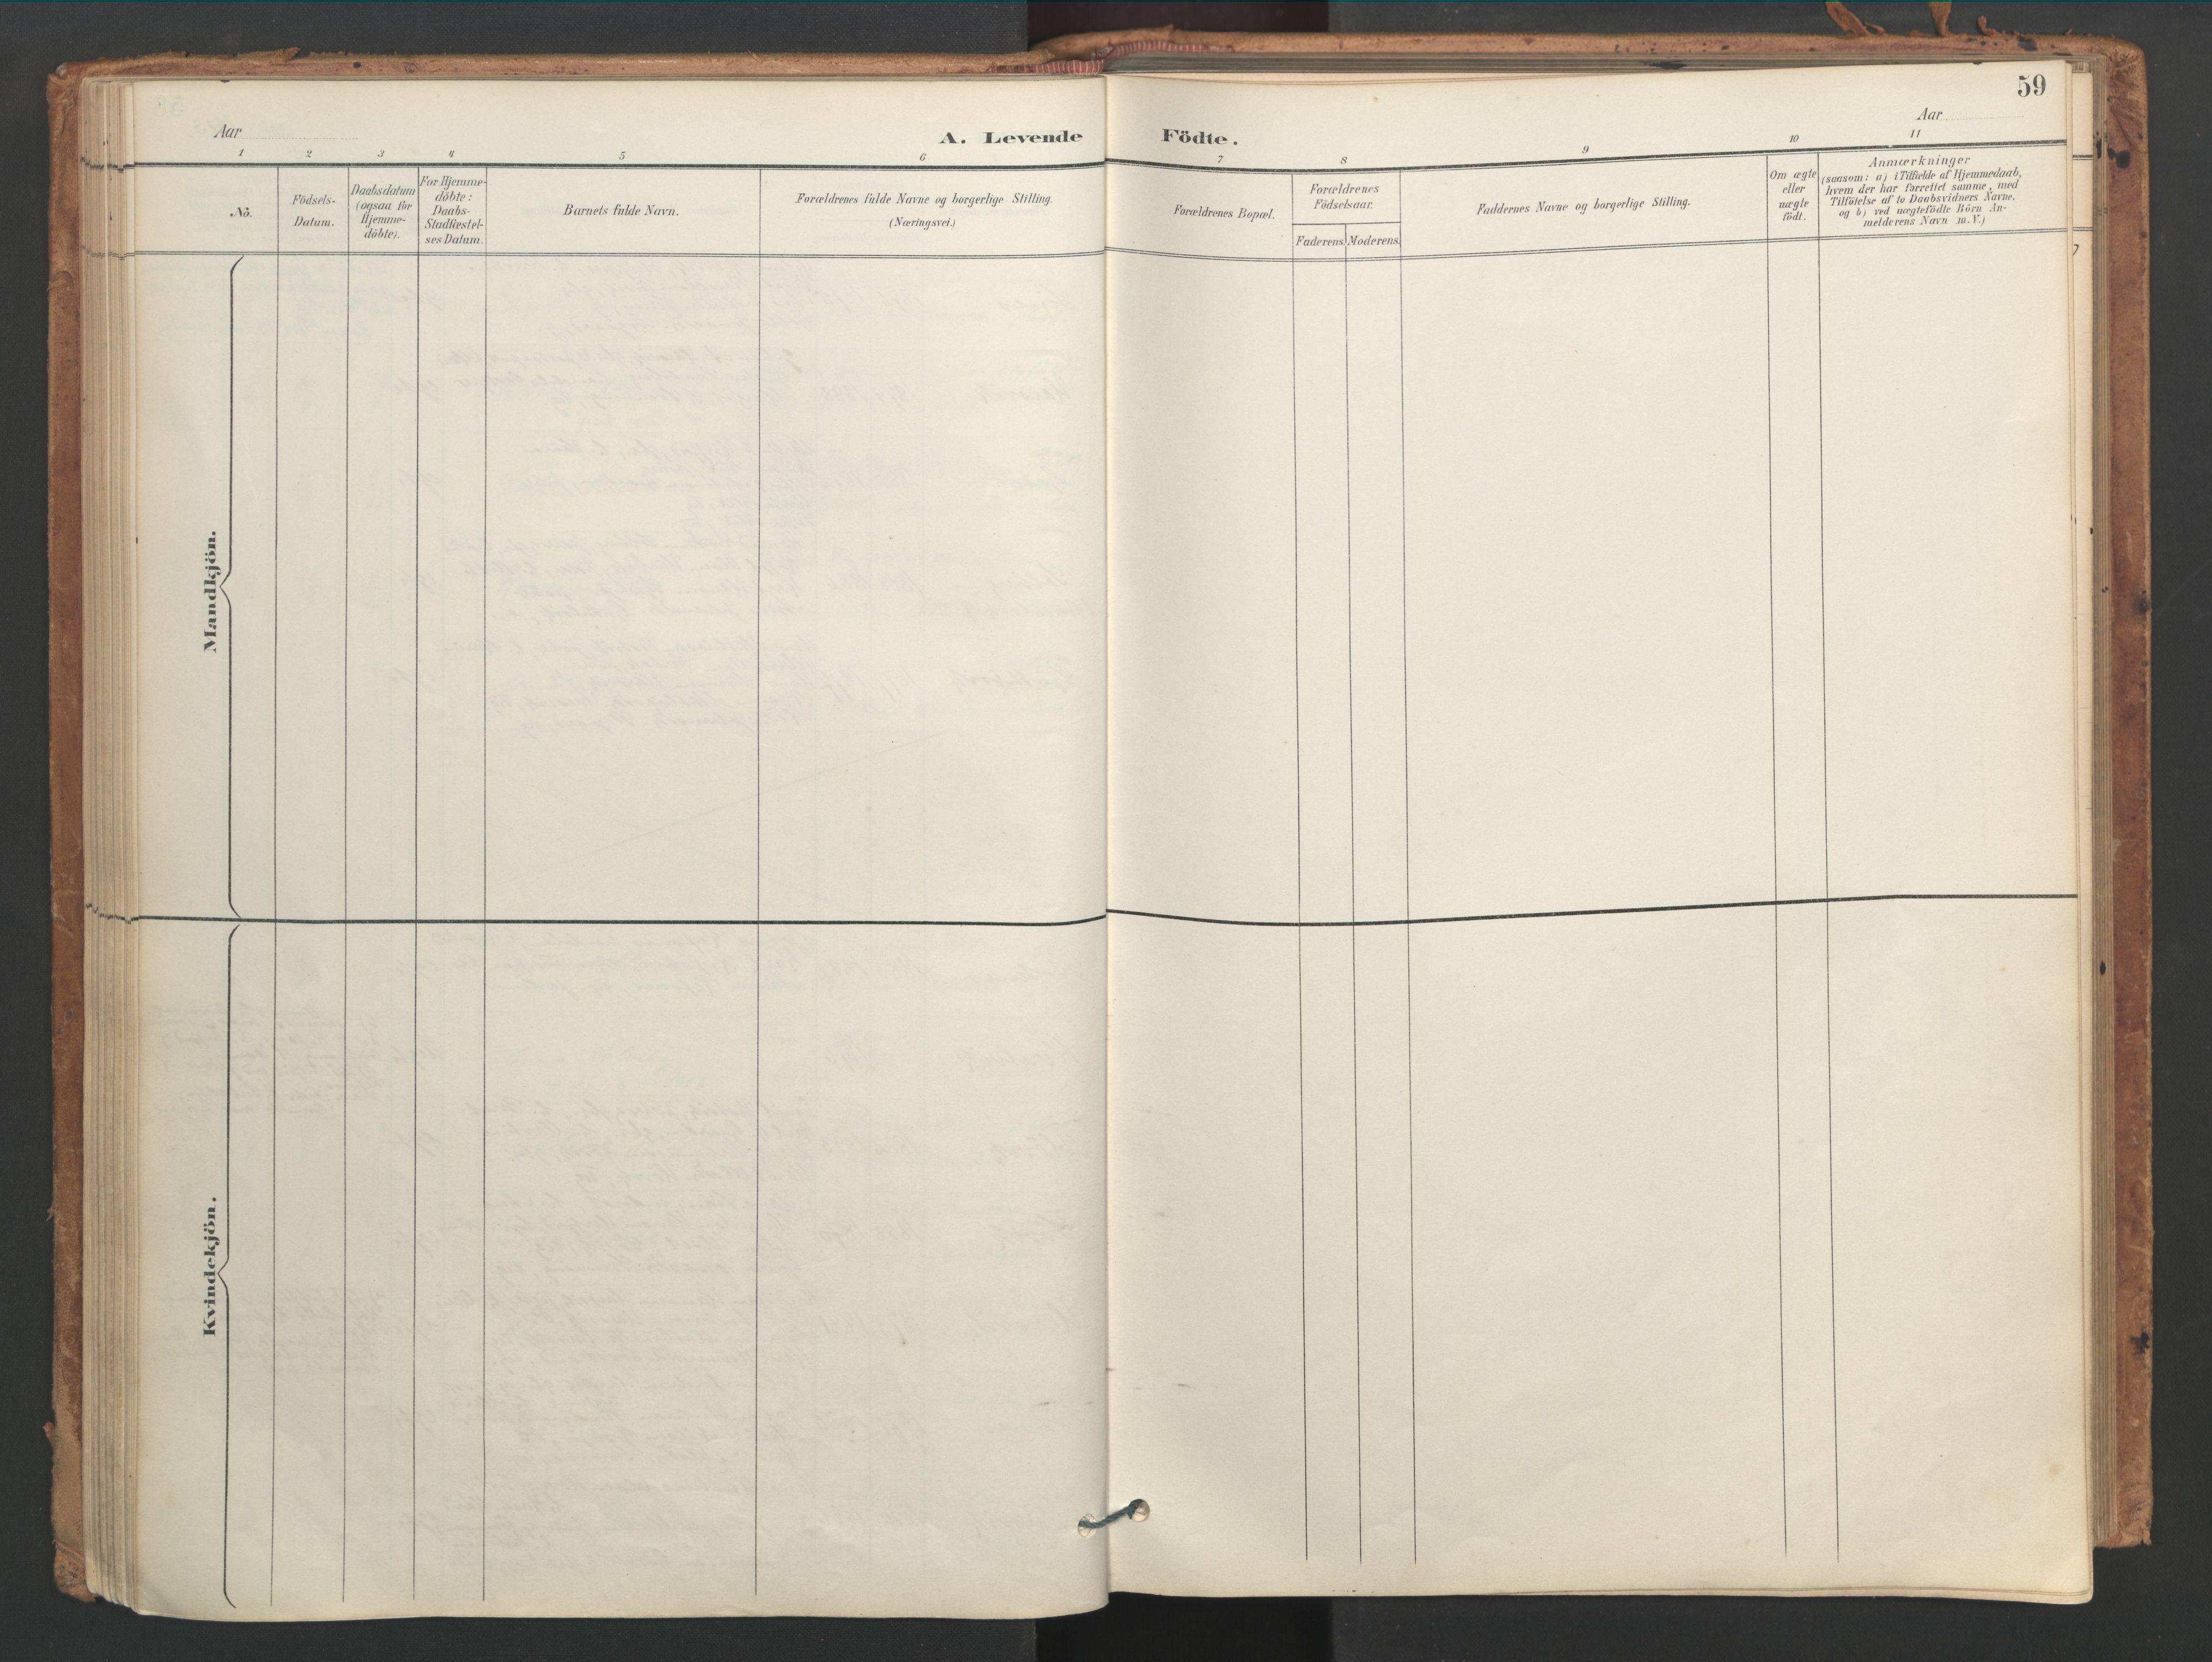 SAT, Ministerialprotokoller, klokkerbøker og fødselsregistre - Sør-Trøndelag, 656/L0693: Ministerialbok nr. 656A02, 1894-1913, s. 59